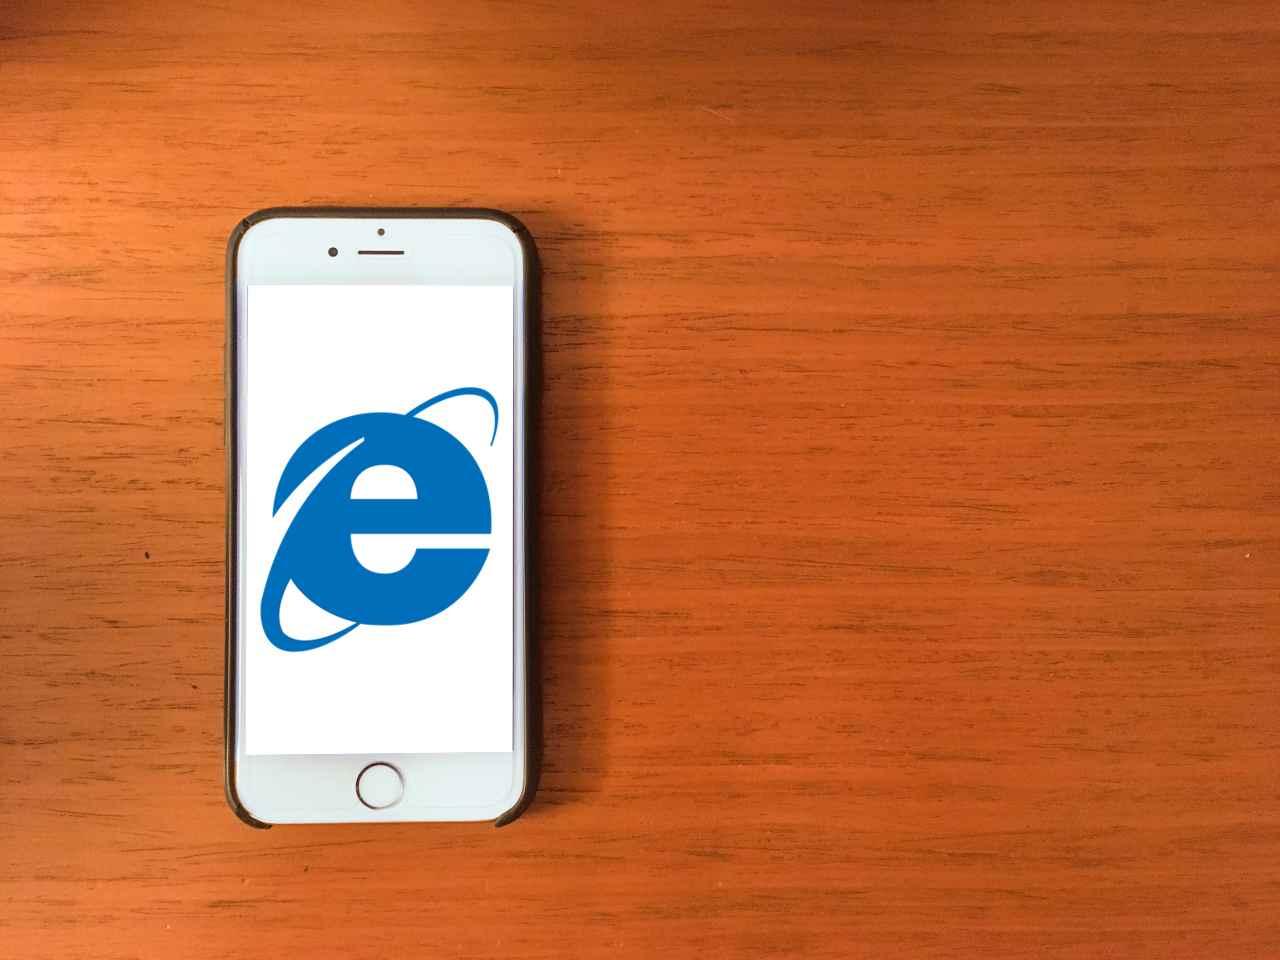 Internet Explorer 11, otto anni di onorata carriera (Adobe Stock)